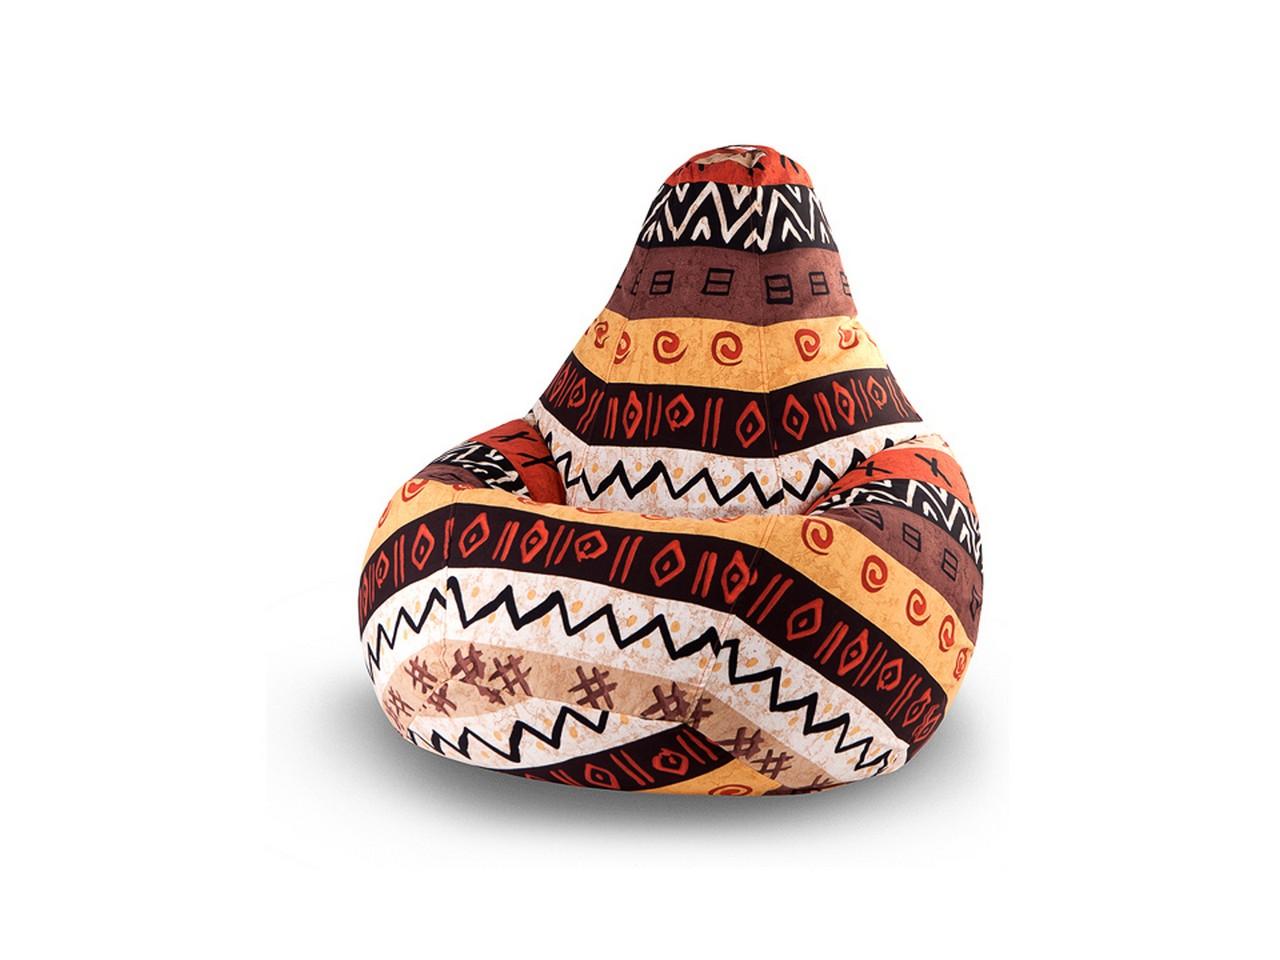 Кресло-мешок Morocco XLБесформенные пуфы<br>&amp;lt;div&amp;gt;Съемный чехол: Да (на молнии);&amp;lt;/div&amp;gt;&amp;lt;div&amp;gt;Наполнитель: пенополистирол (гранула 2 мм).&amp;lt;/div&amp;gt;<br><br>Material: Текстиль<br>Height см: 135<br>Diameter см: 90